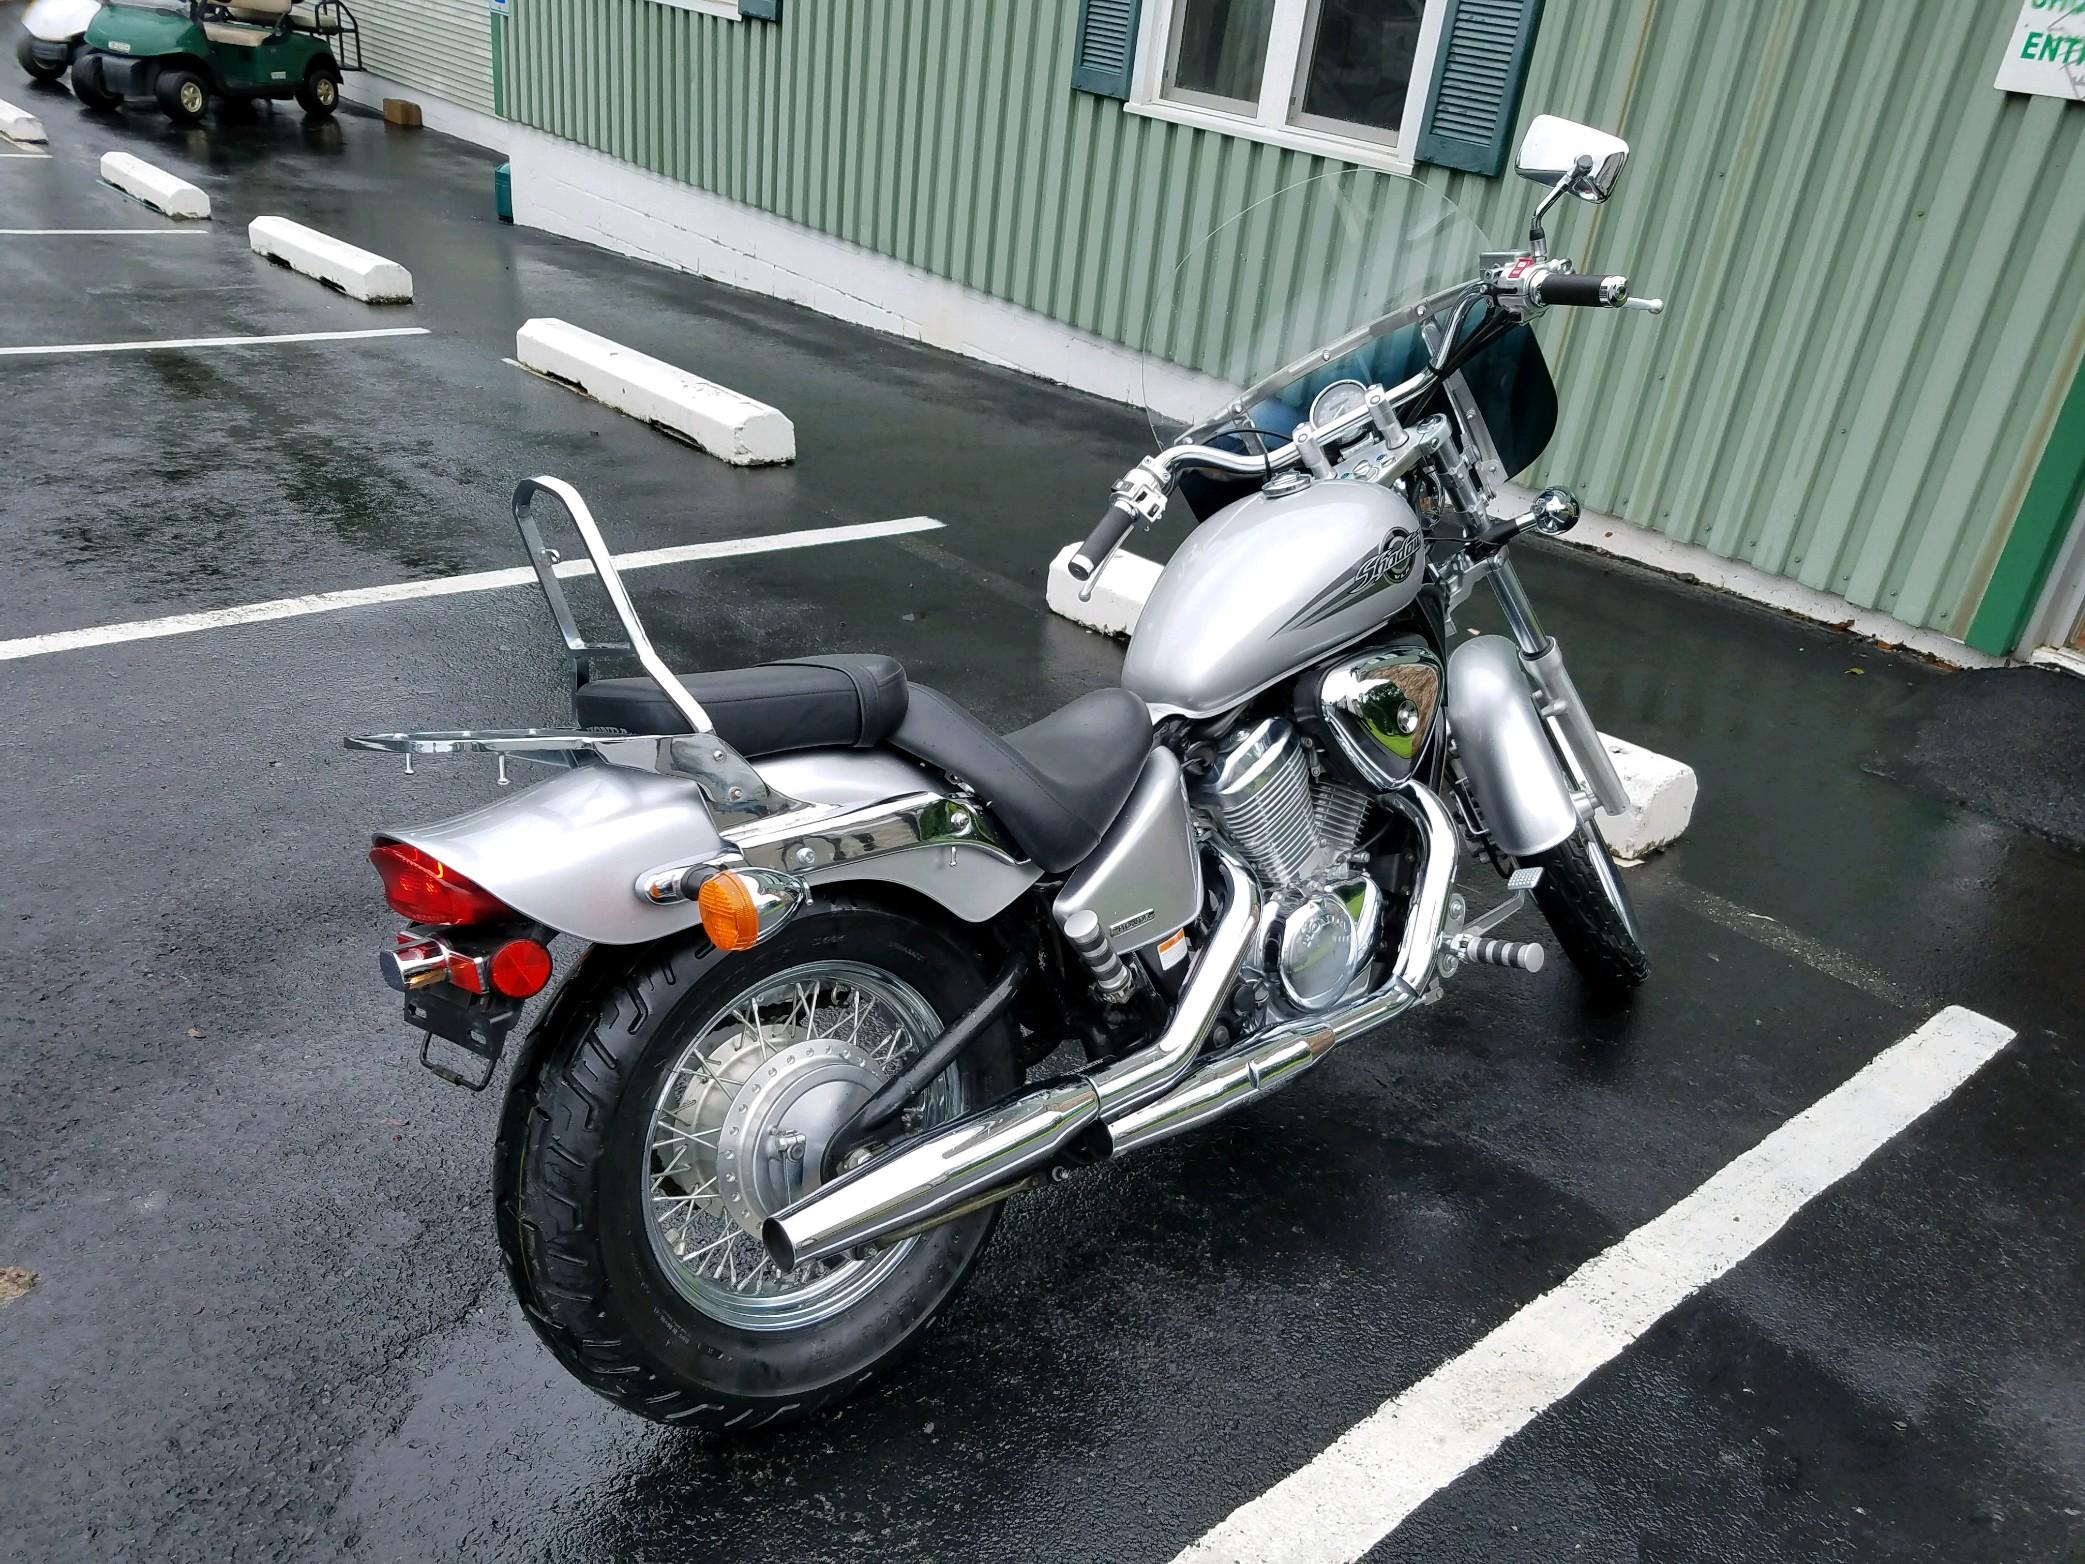 2006 Honda Shadow DLX 600